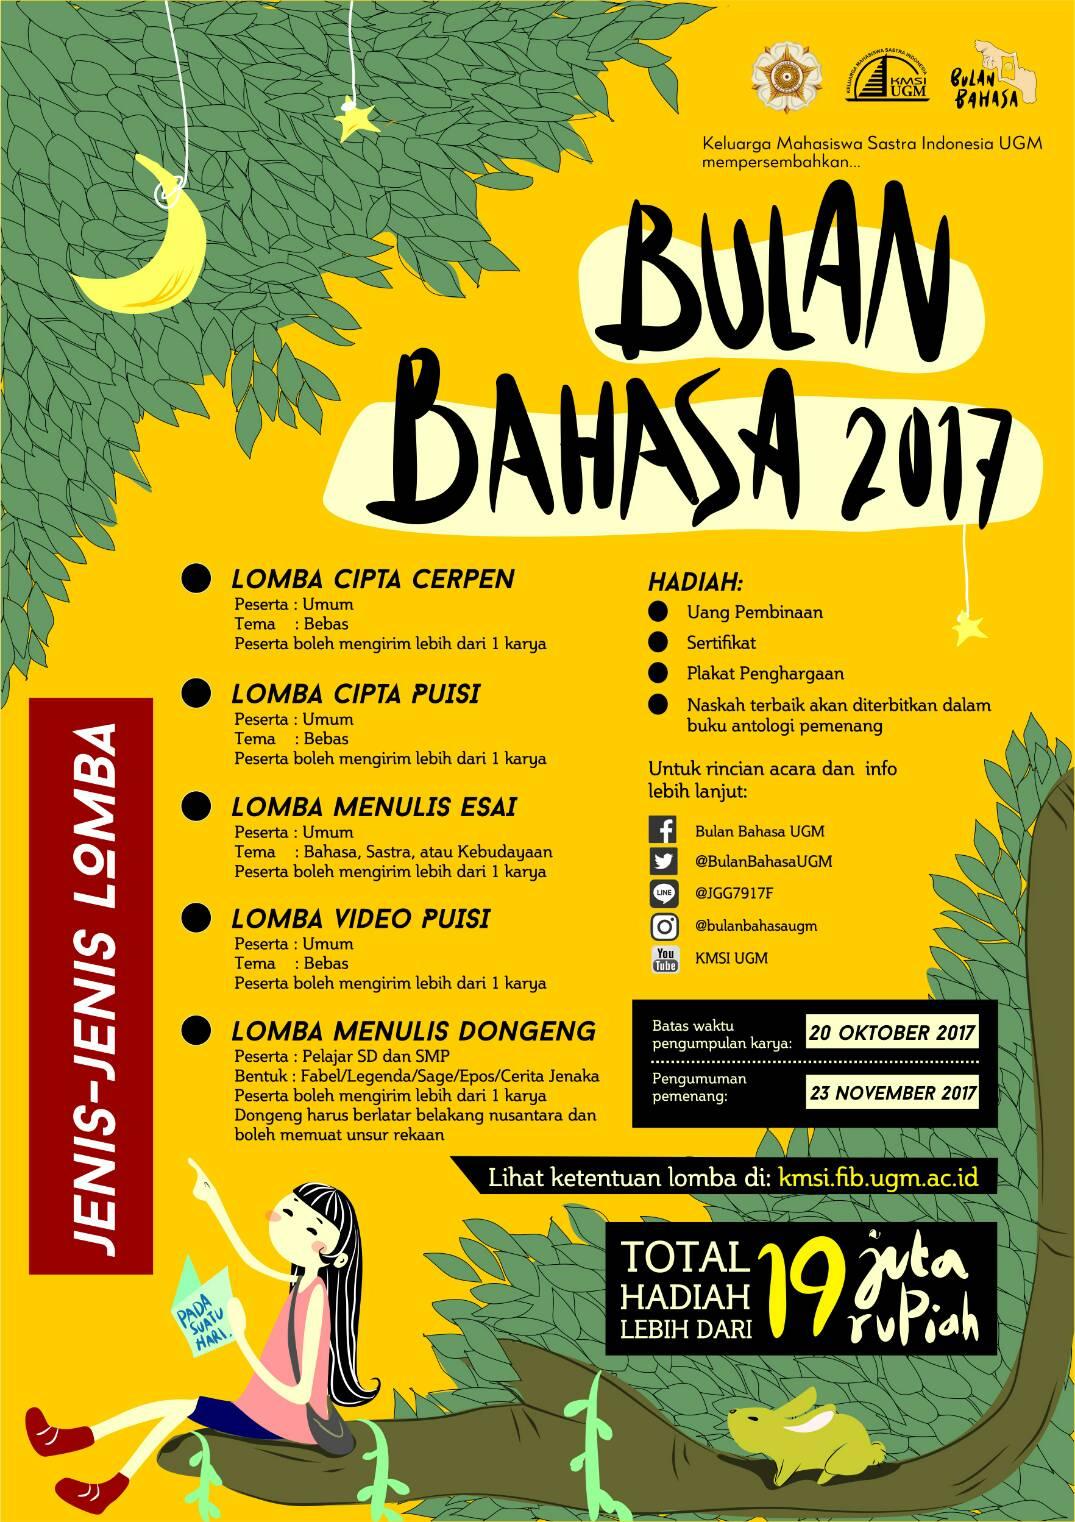 Lomba Cipta Puisi Bulan Bahasa 2017 | Univ. Gadjah Mada | Umum